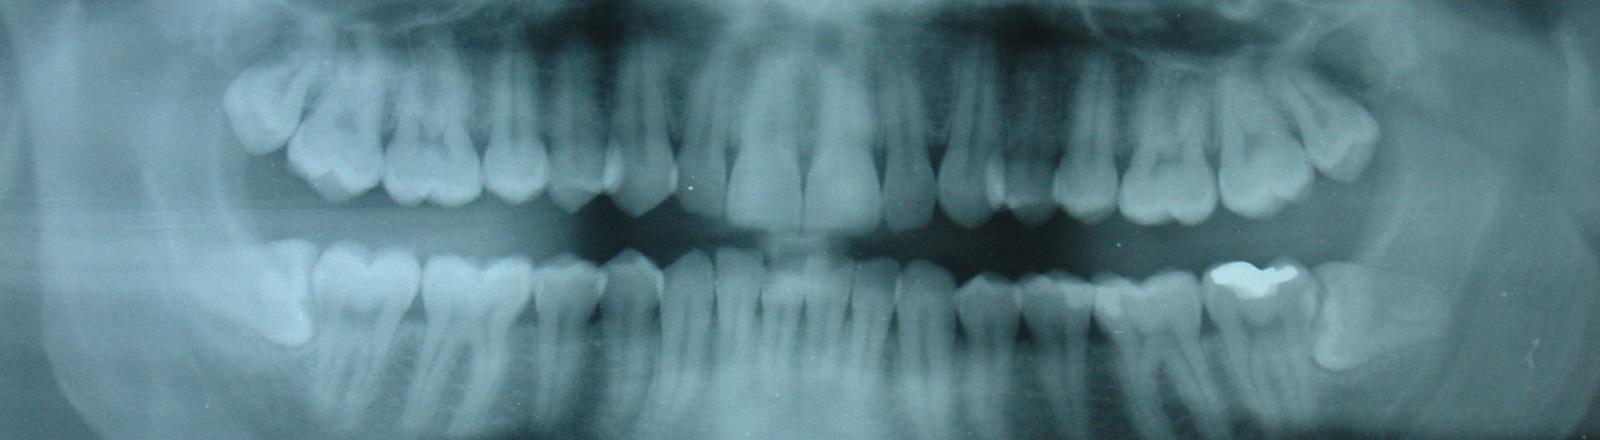 Röntgenaufnahme eines Ober- und Unterkiefers, von vorne.